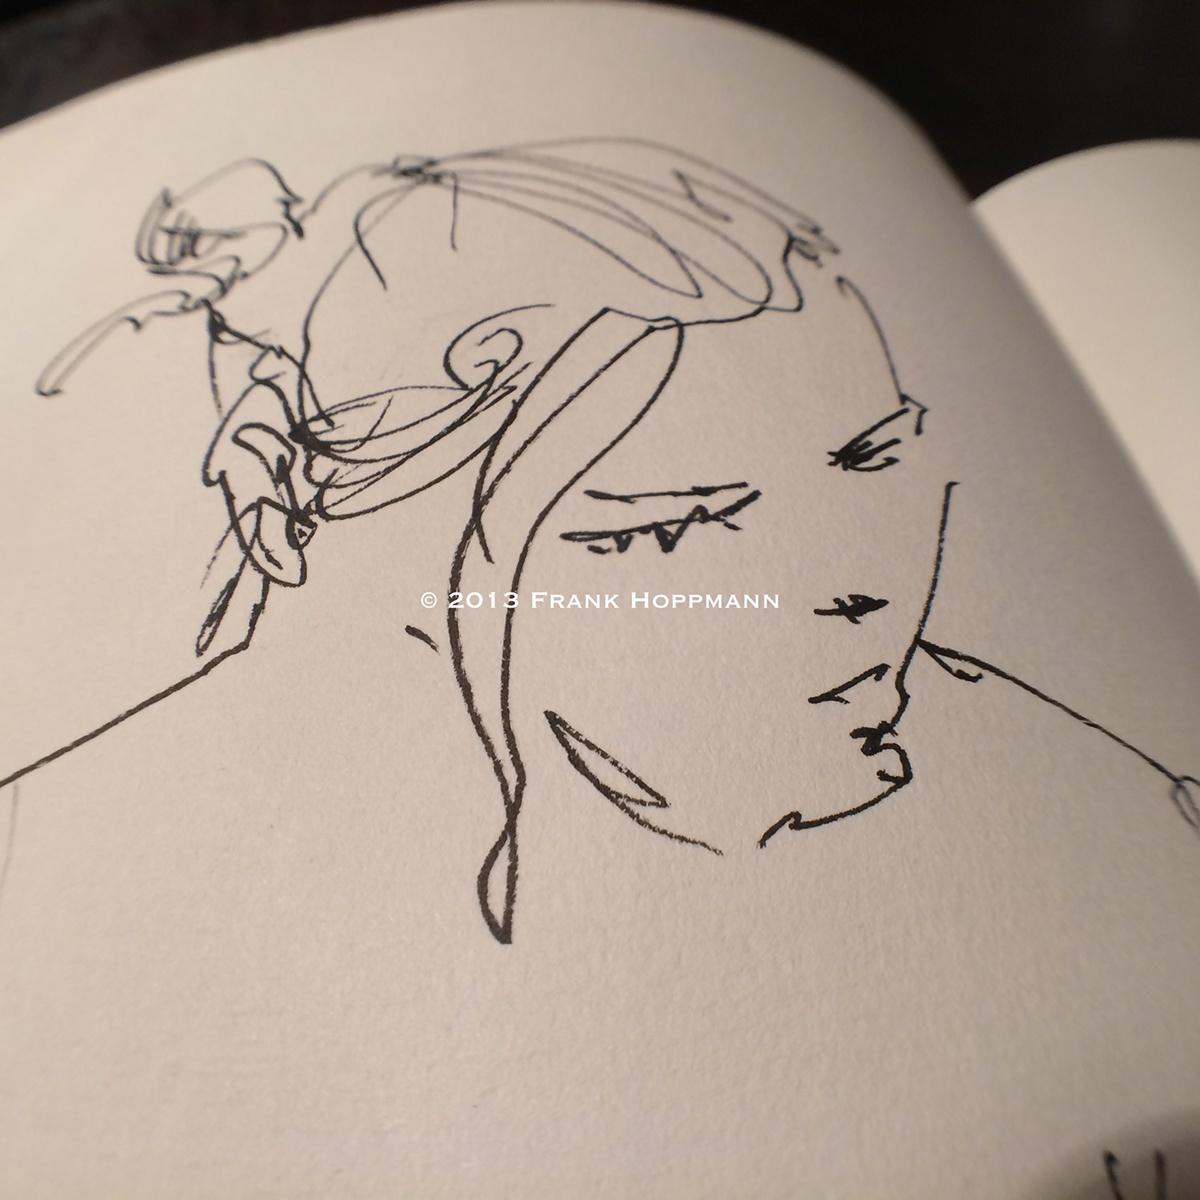 Nude life drawings 2012-2013 - Sketchbook part II